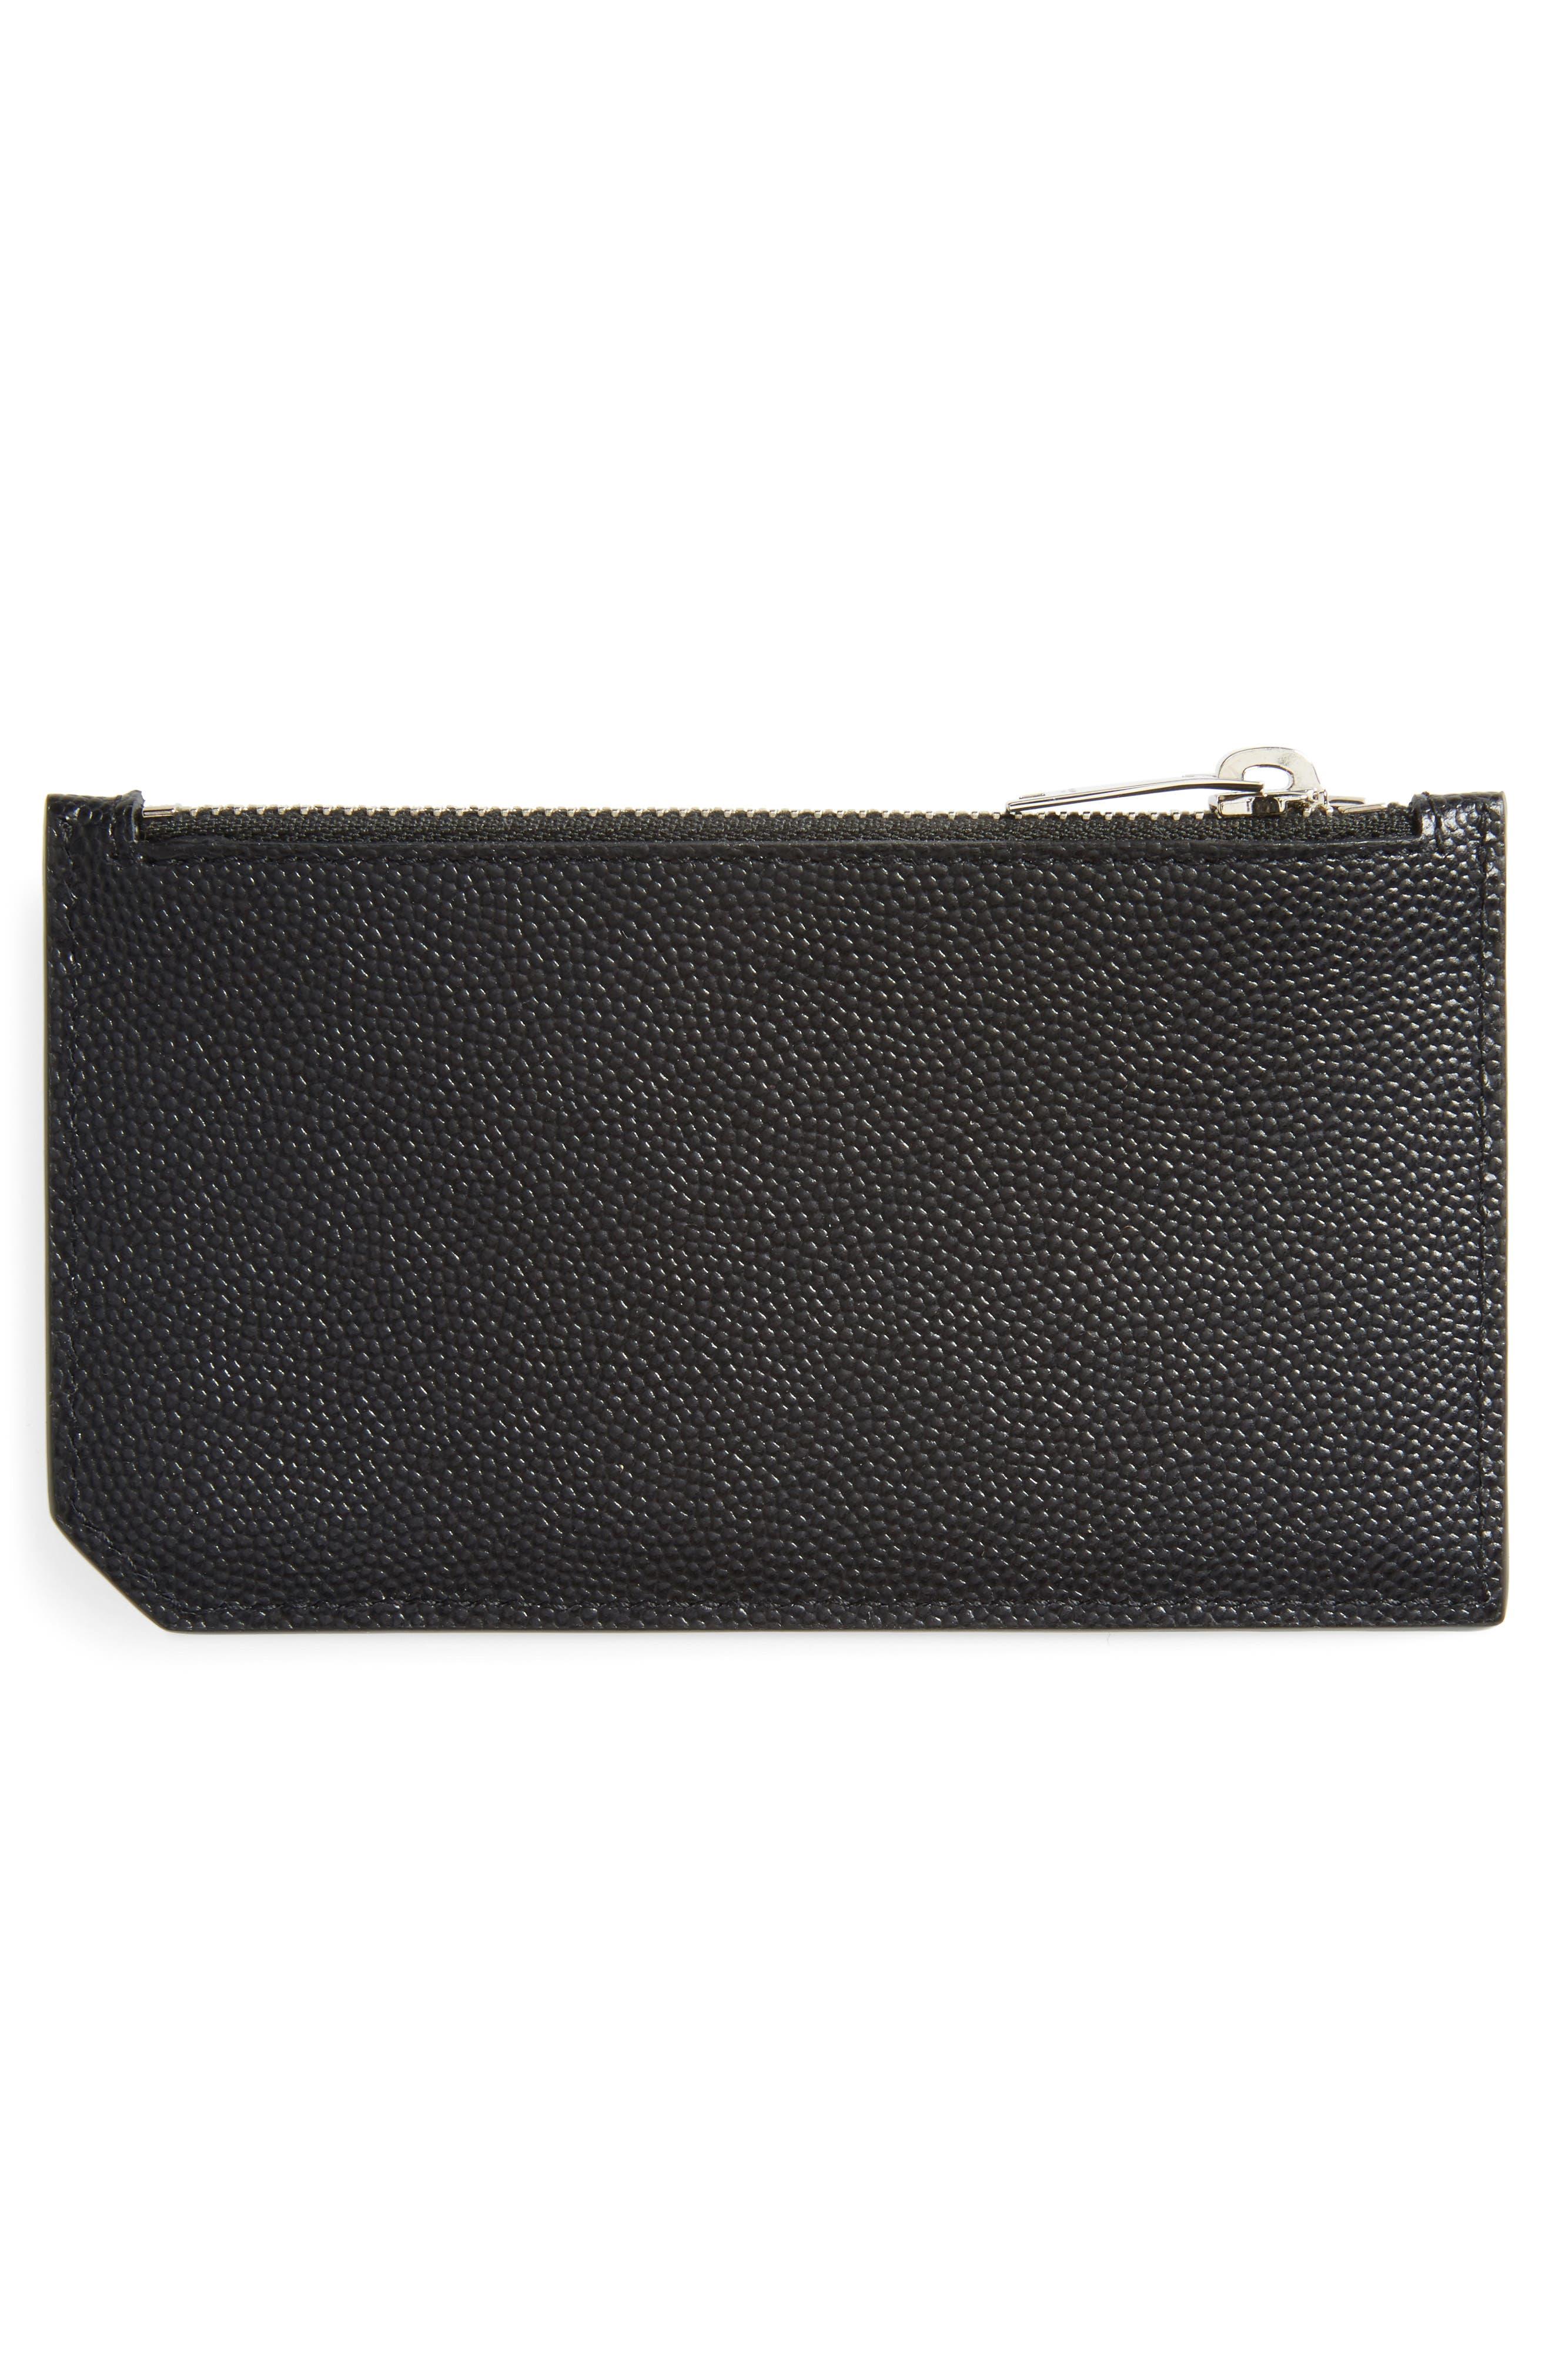 SAINT LAURENT, Pebble Grain Leather Zip Wallet, Alternate thumbnail 2, color, NERO